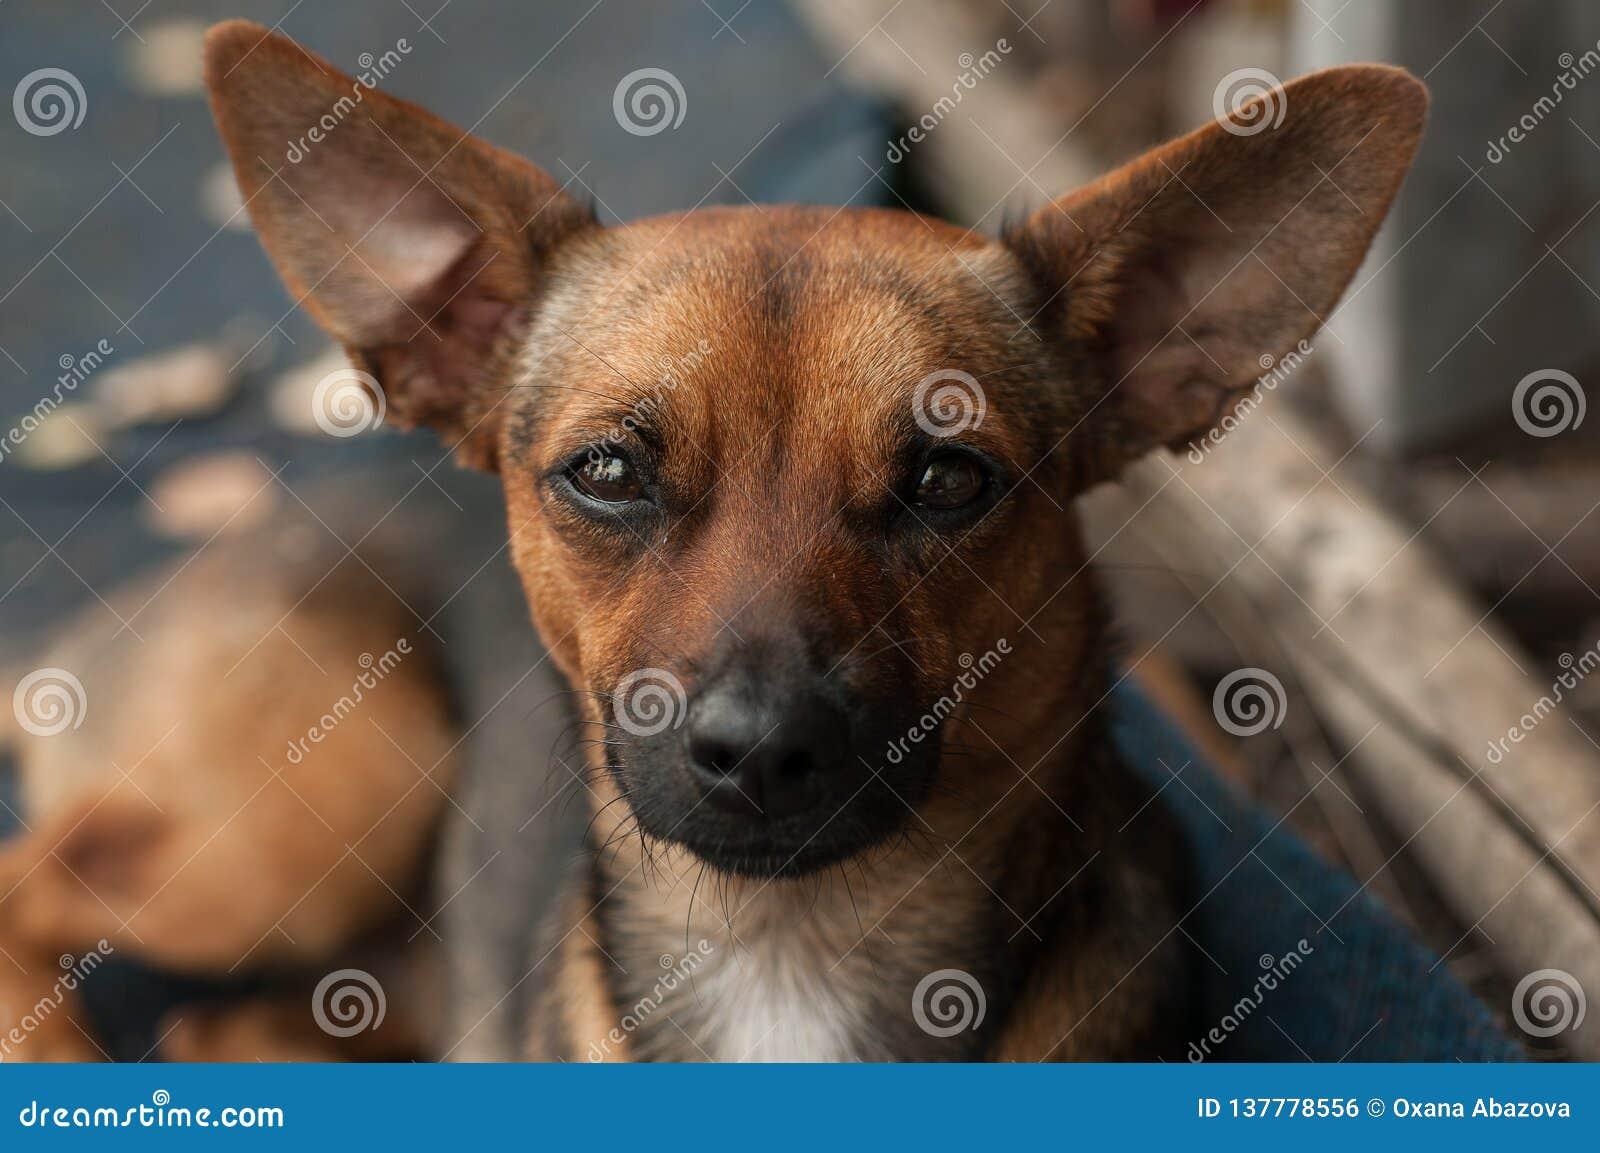 狗在有忠实的眼睛的透镜正确地看